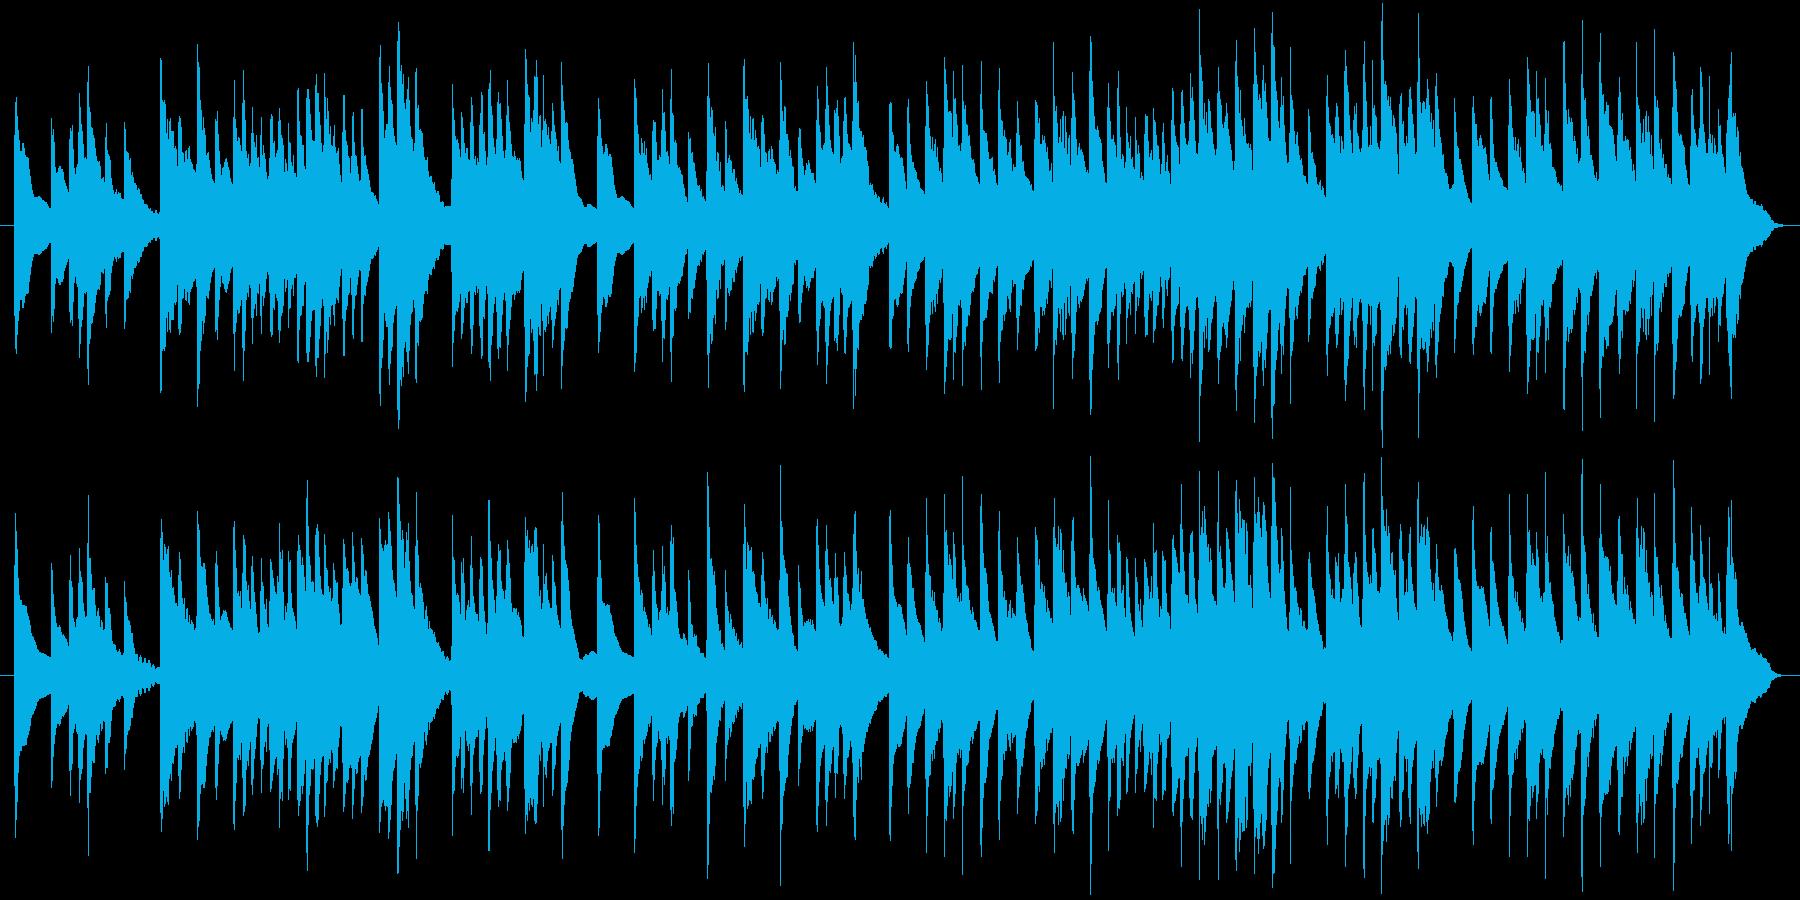 お正月の歌「お正月」琴バージョンの再生済みの波形